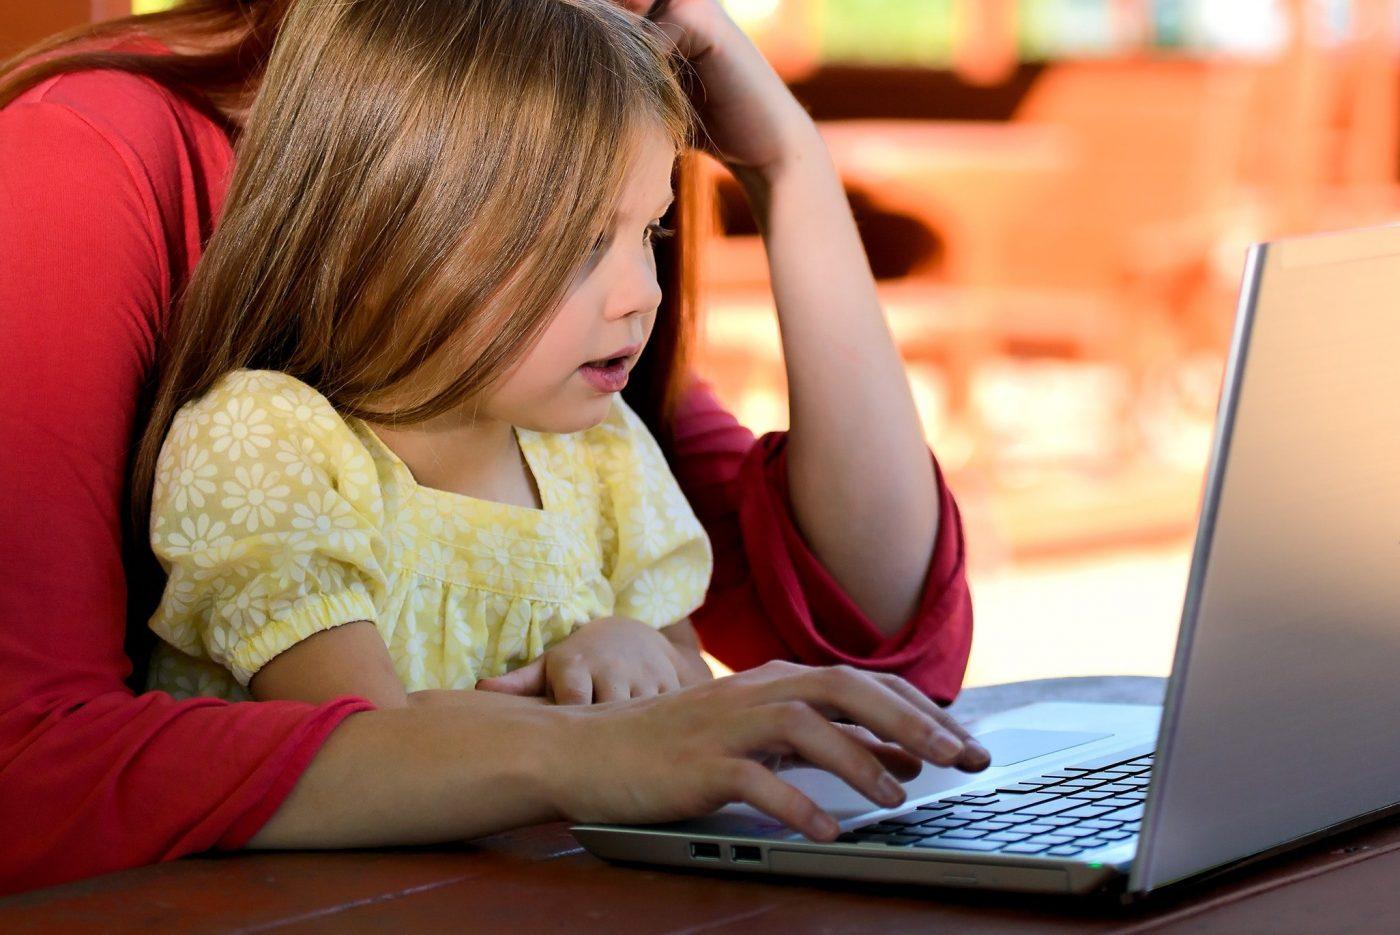 エストニアは90年代からIT教育を推進し、2012年にはプログラミング教育を初等教育(7歳)で導入を開始。JavaやC++などのプログラミング言語やロボット工学などを学習する。